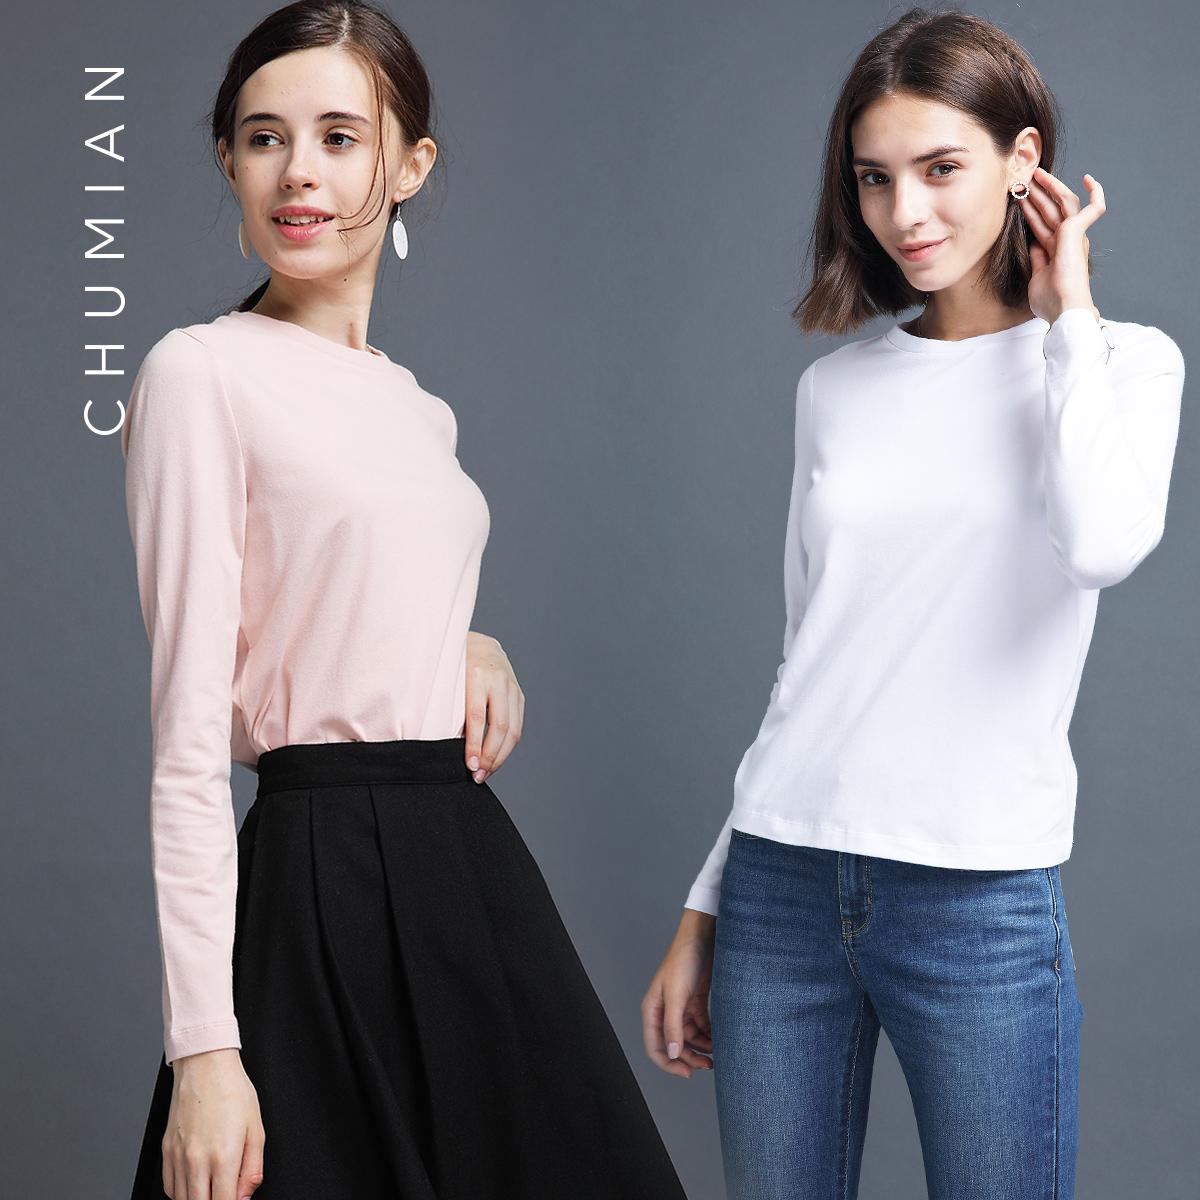 初棉2018春装新款多色圆领显瘦长袖T恤女基础款纯色打底衫女秋衣